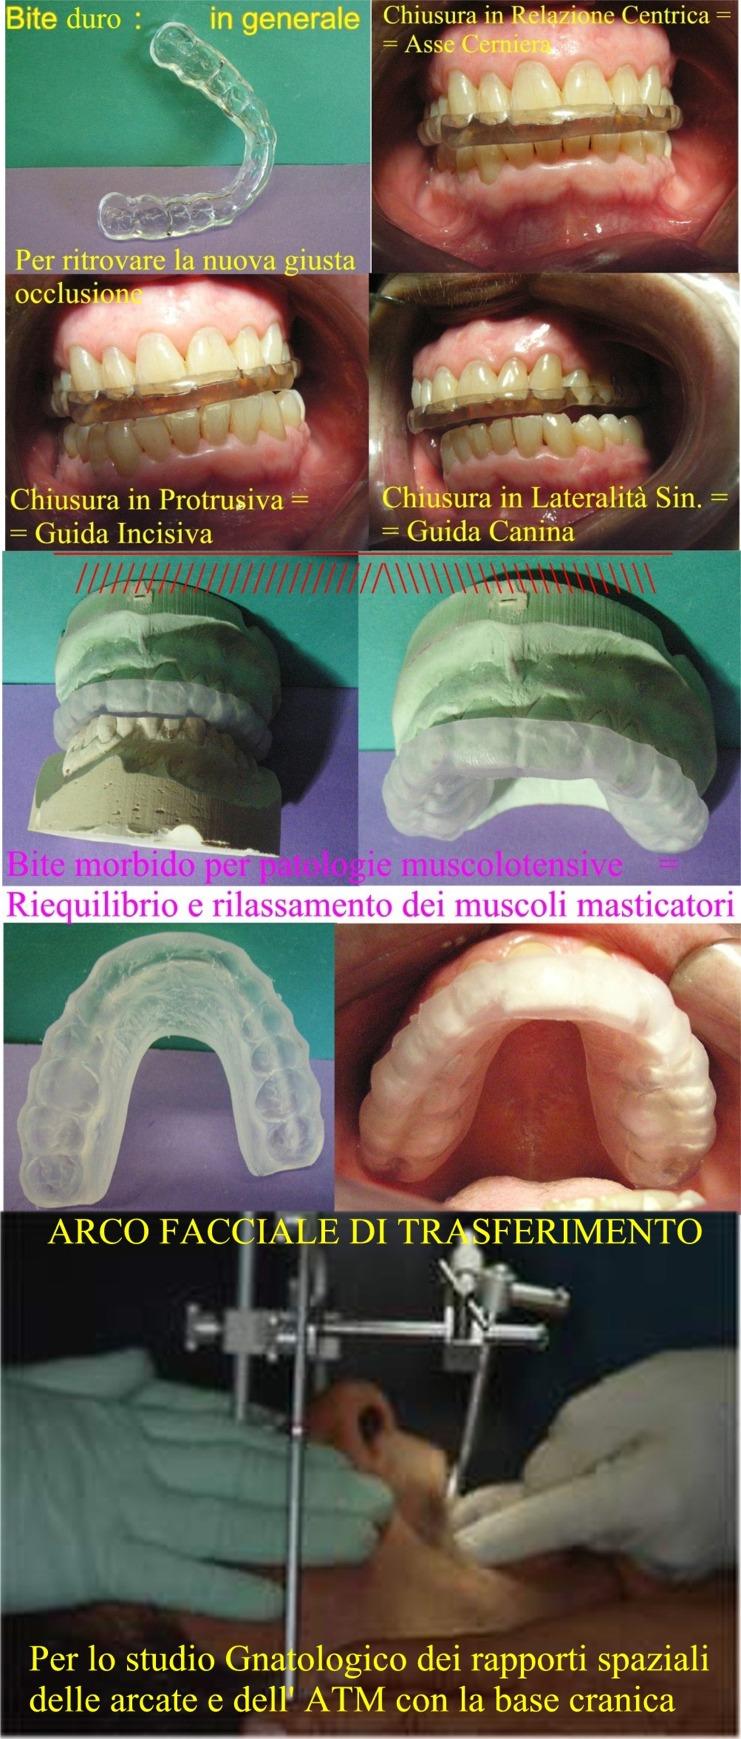 Vari tipi di Bite e Arco di Tasferimento per Articolatore a valore Medio. Da casistica del Dr. Gustavo Petto Parodontologo Gnatologo di Cagliari